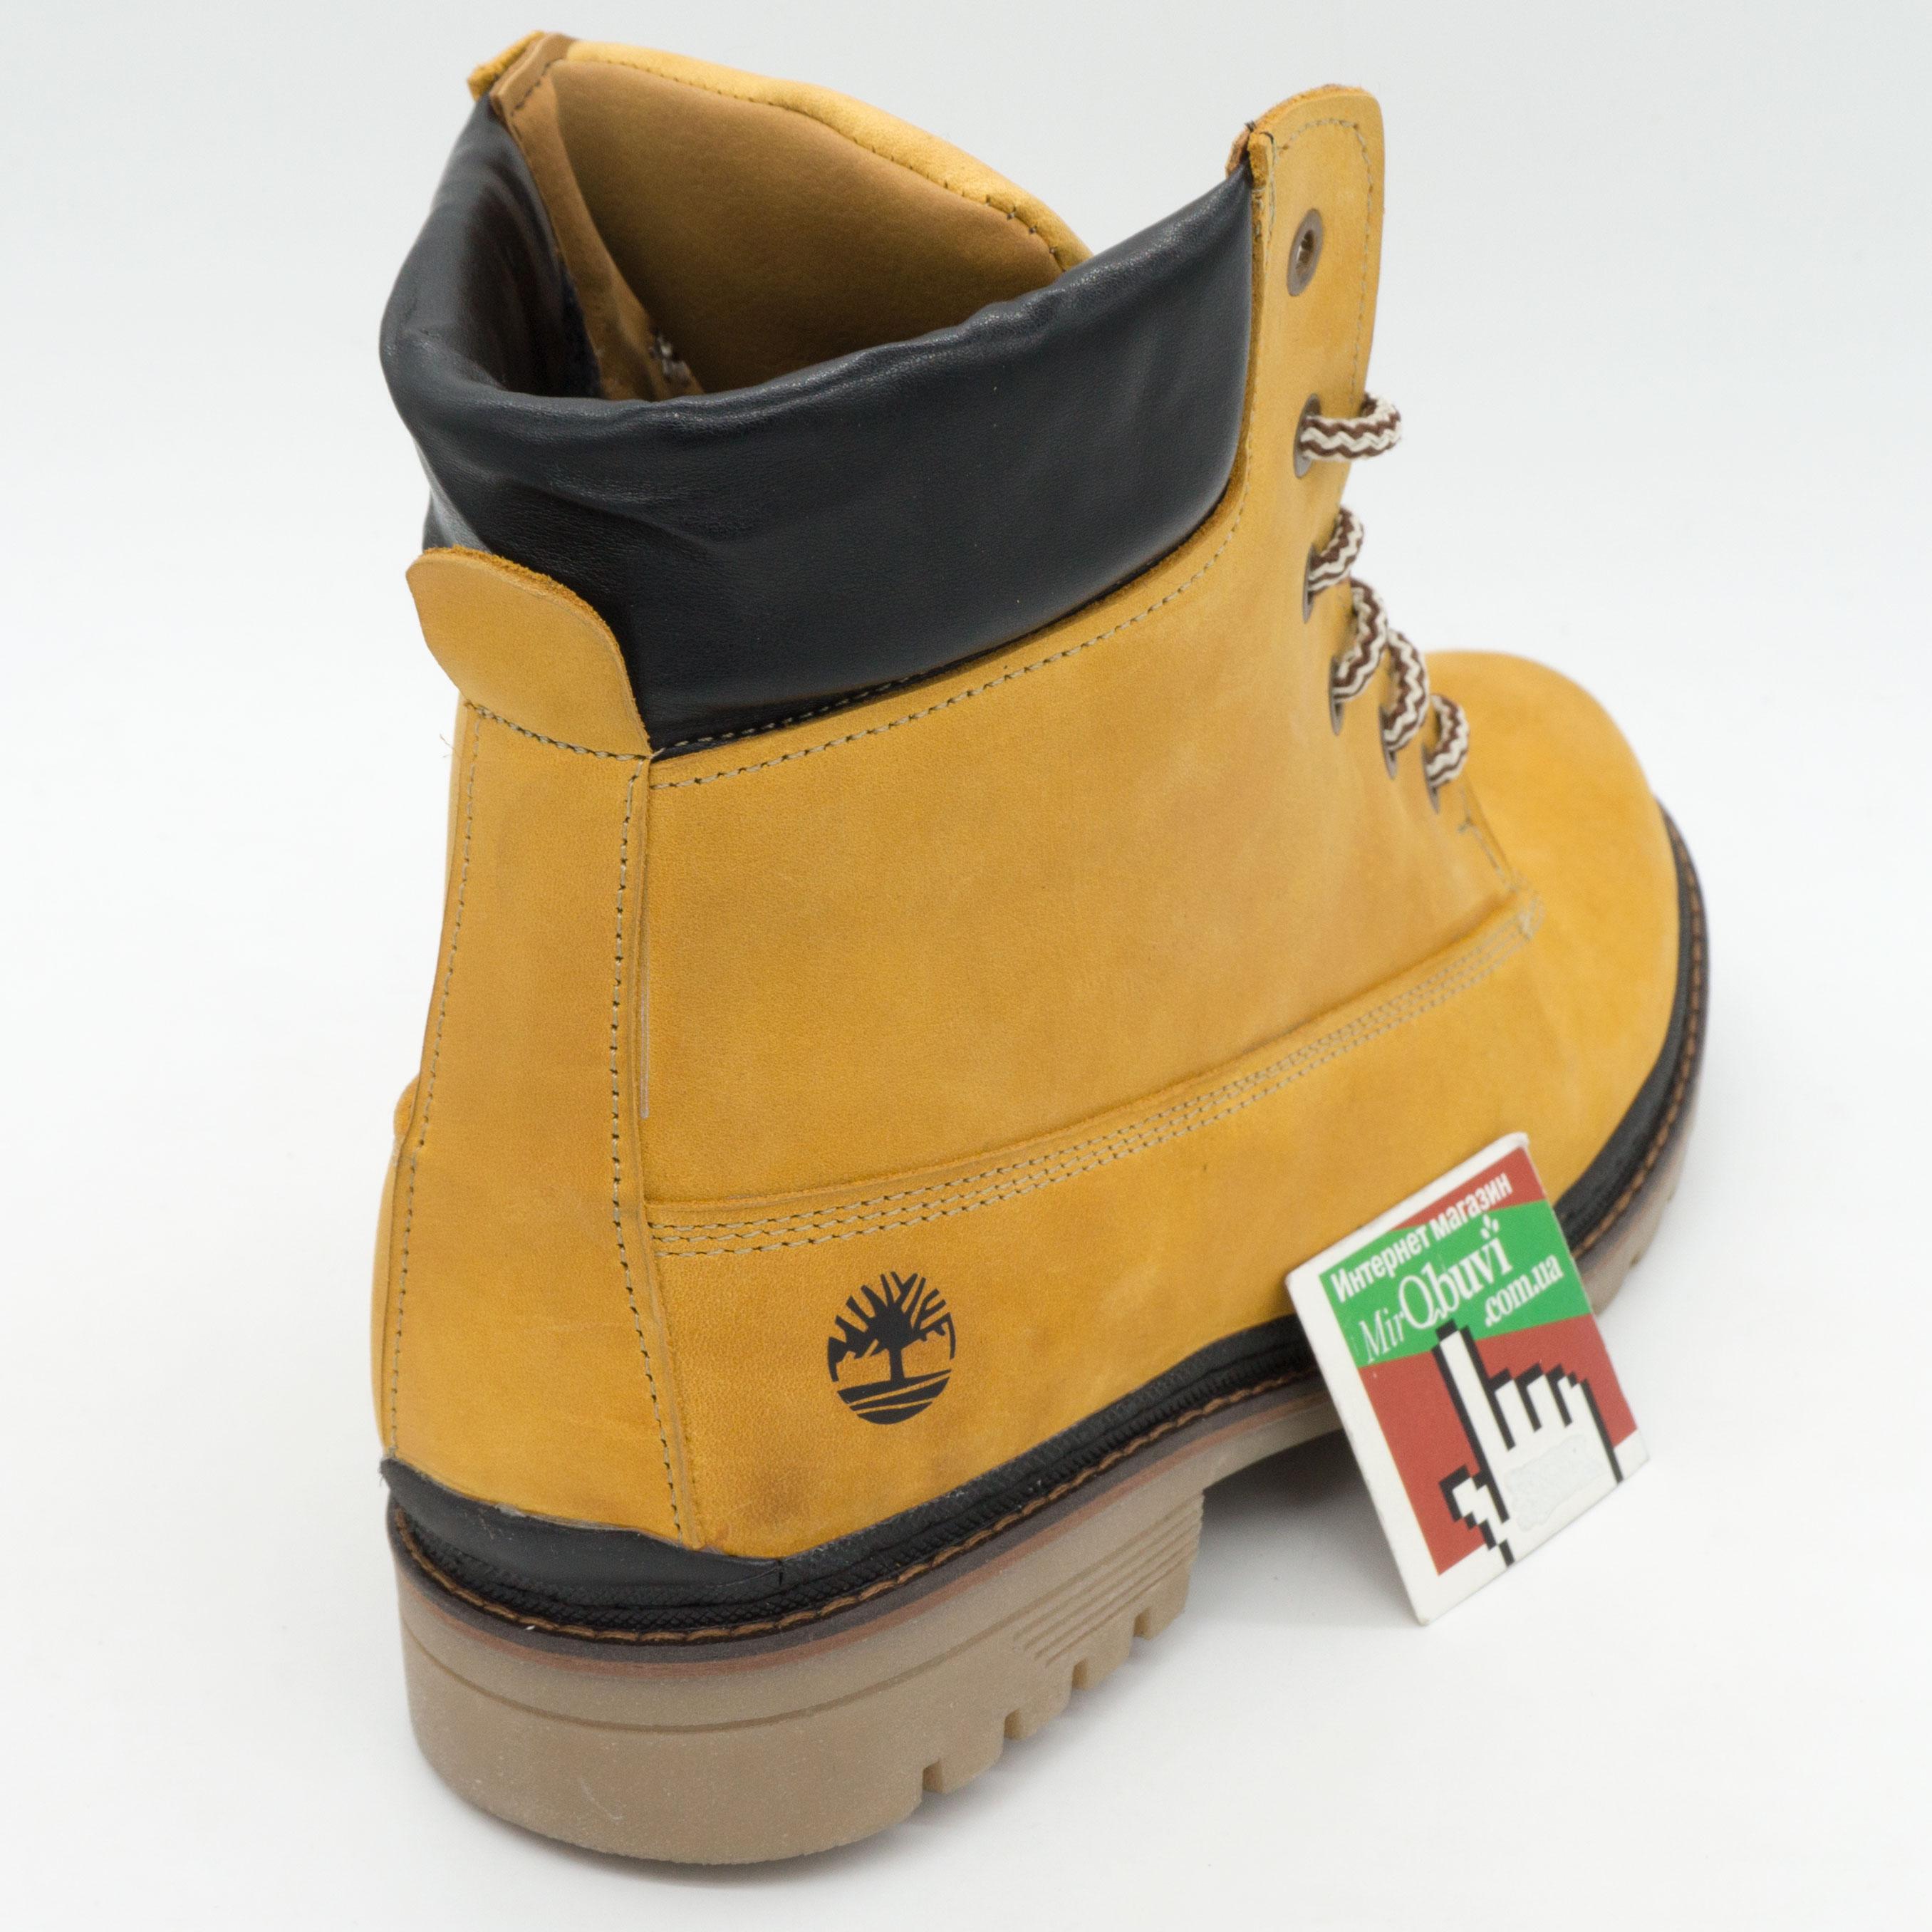 фото front Желтые мужские ботинки Реплика Timberland 103 (Тимберленд)  front